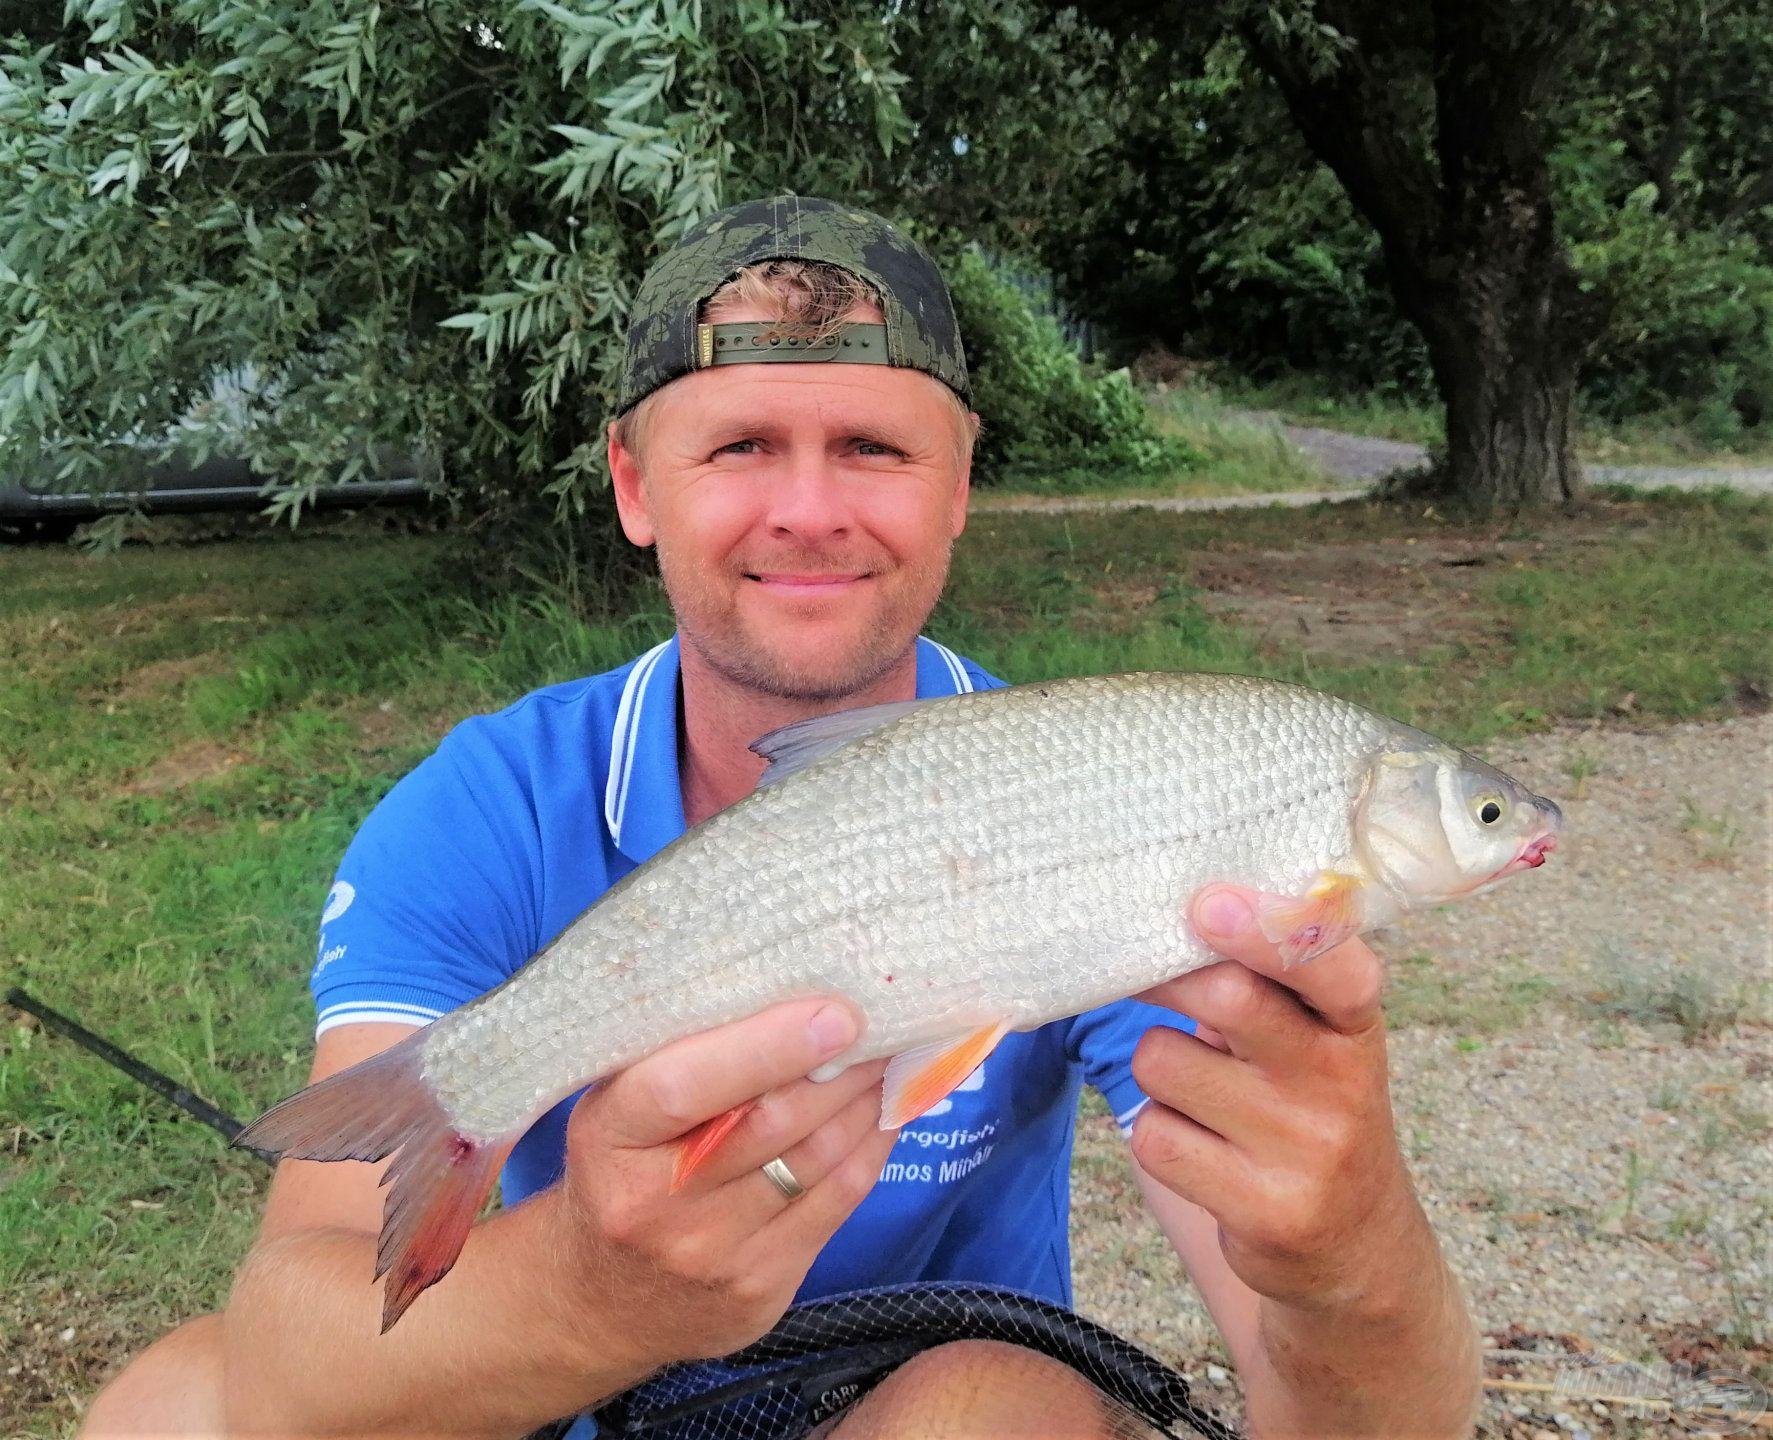 A bandanaggyal percekig is viaskodhatunk, a fantasztikus erőben lévő halak nem adják magukat könnyen